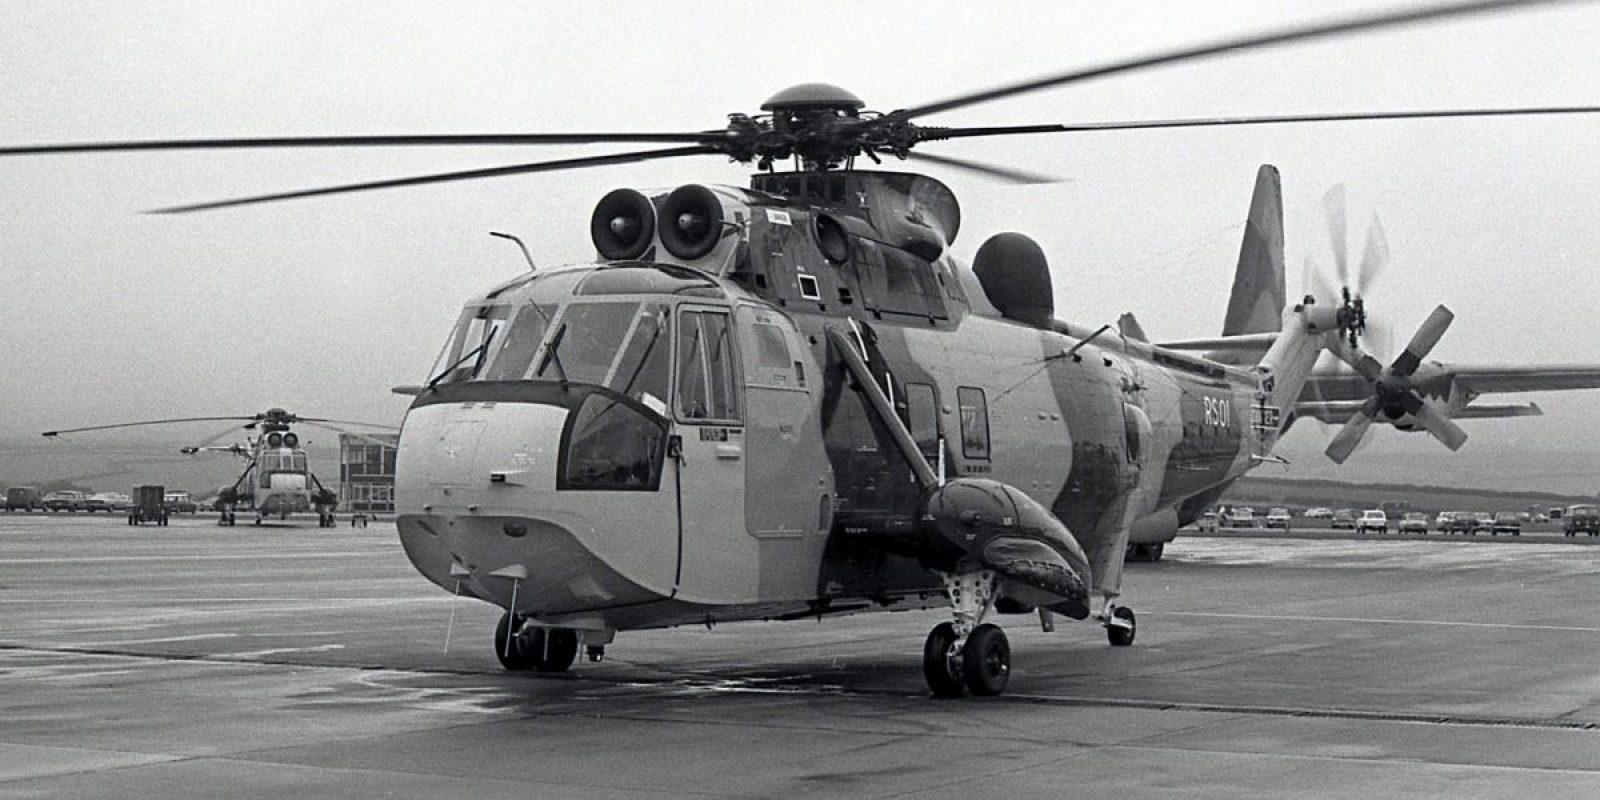 Le RS 01 lors de la présentation à la presse belge le 5 octobre 1976. A l'arrière-plan du RS 01, le C-130 ayant amené les journalistes dans une météo typique des Cornouailles. (Photo Guy Viselé)